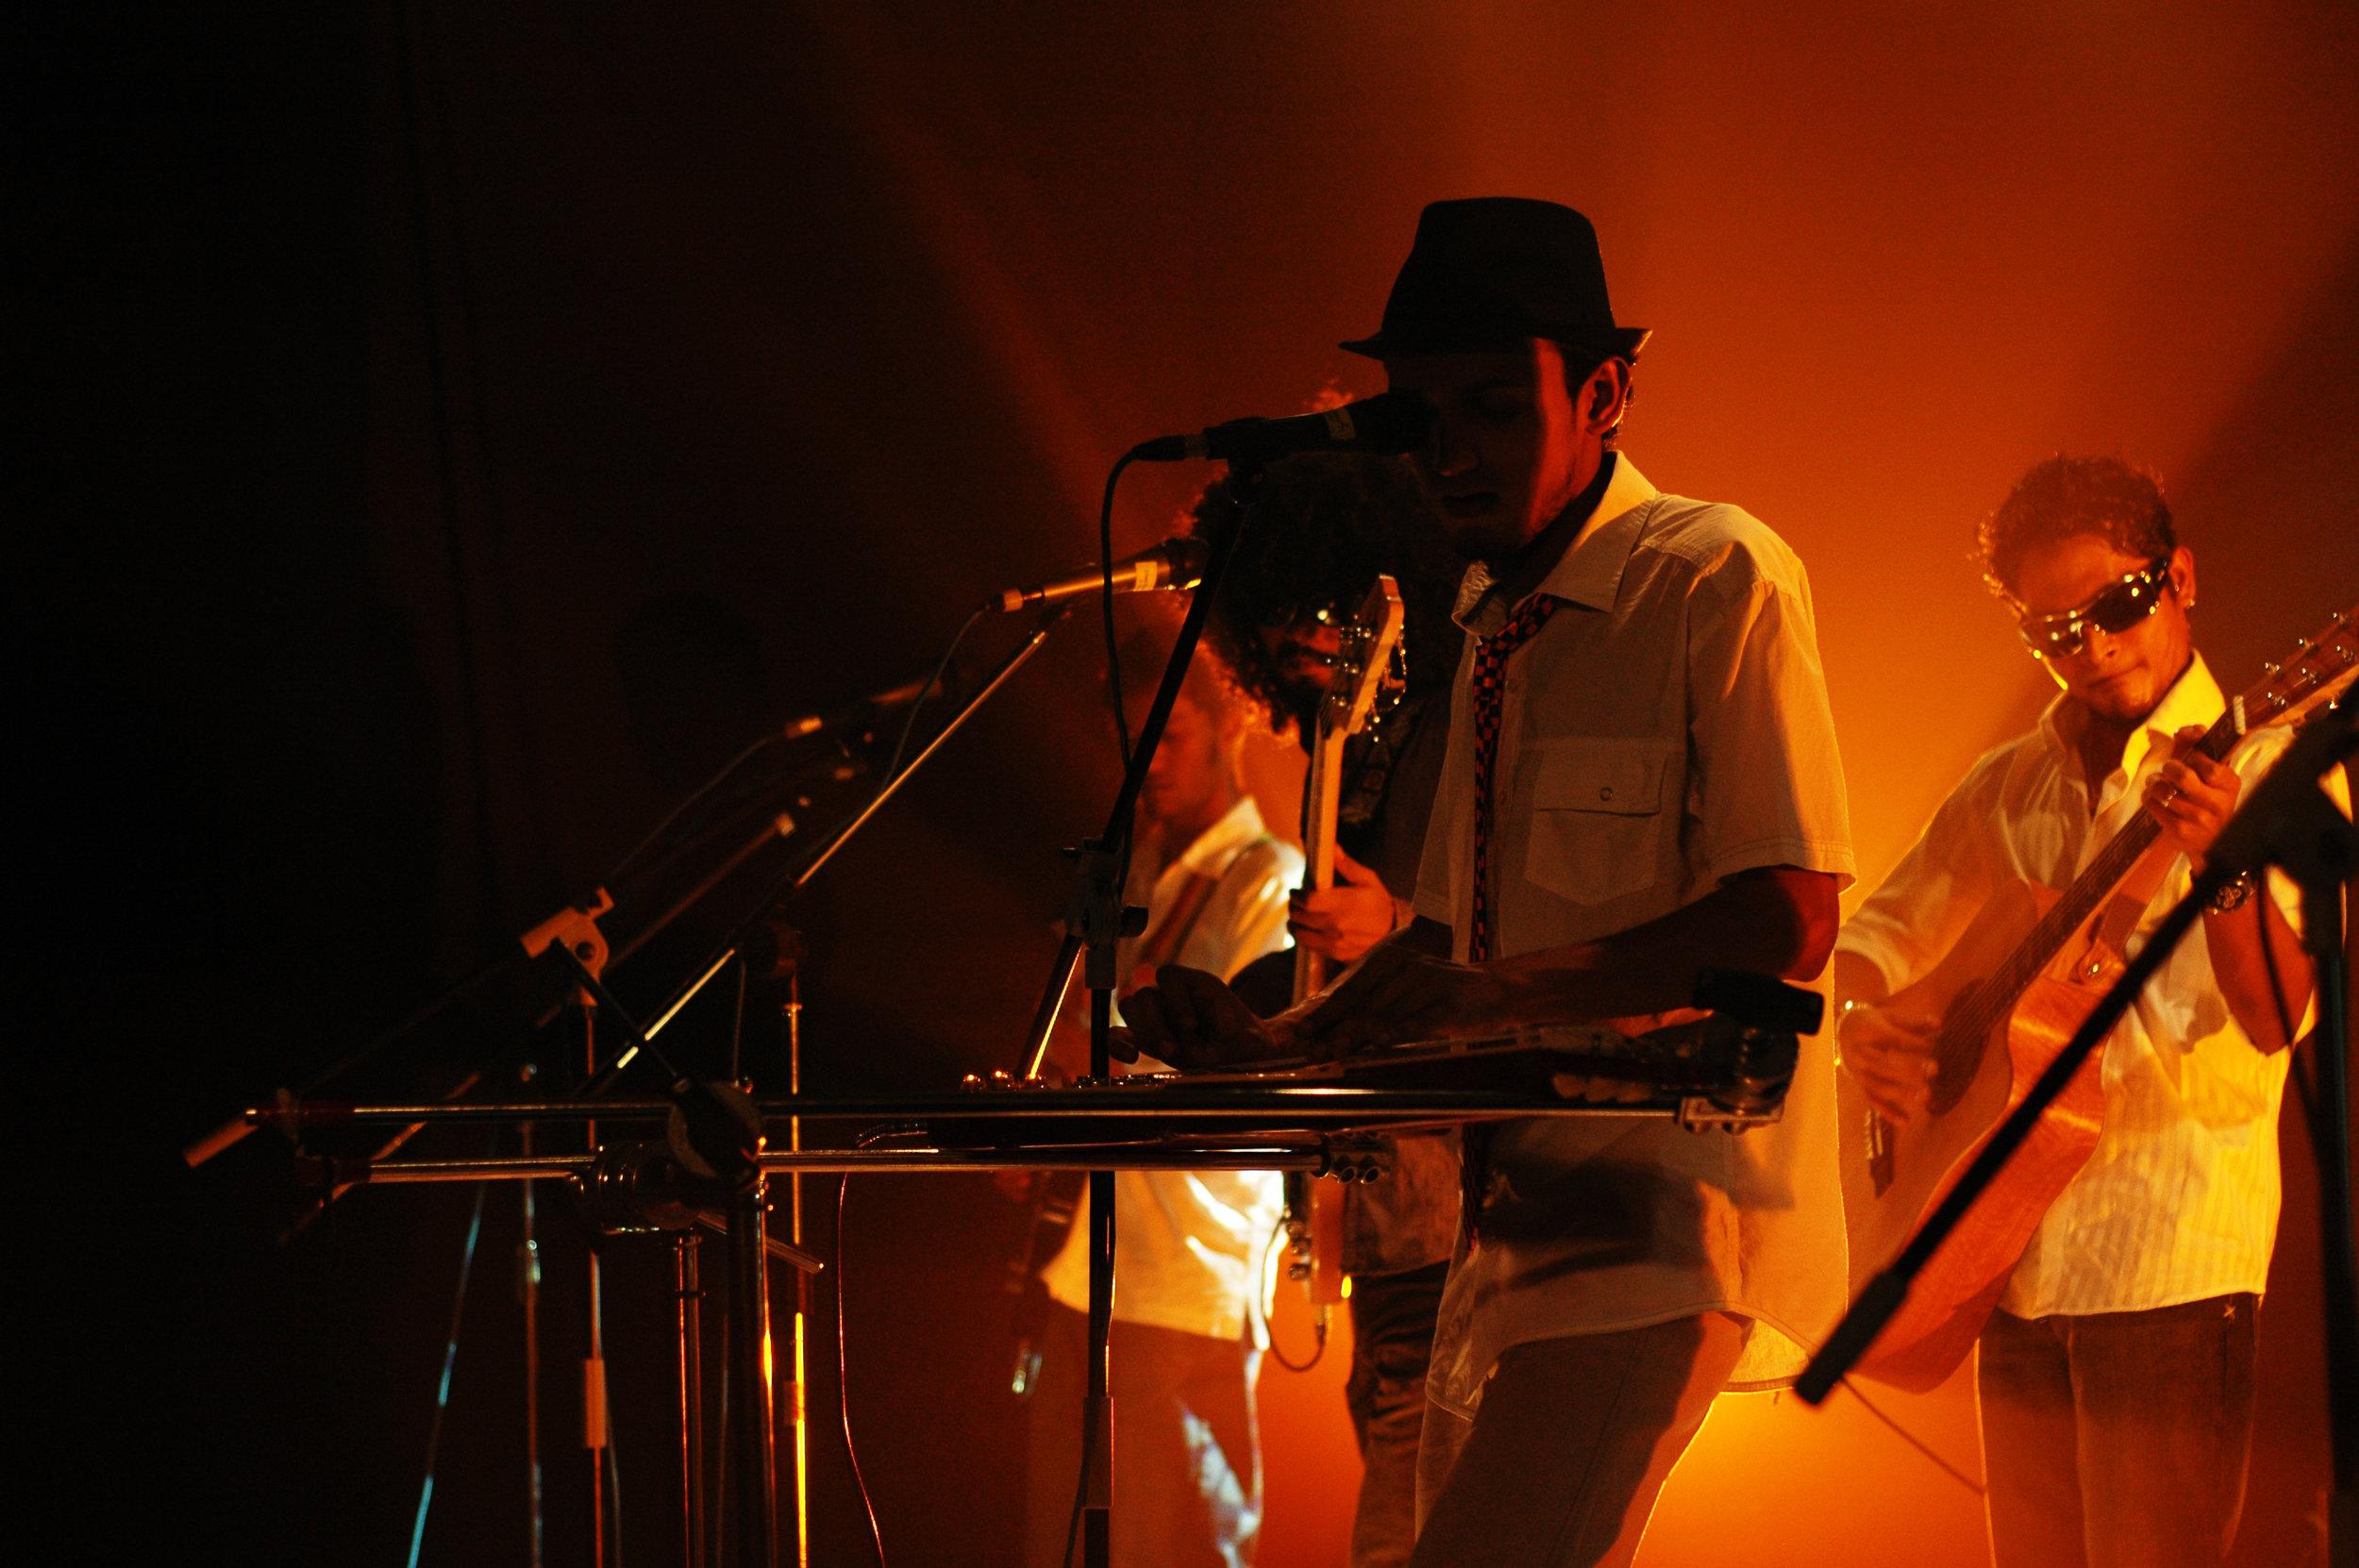 2009-08-19 - Male' City - Dharubaaruge' - Eku Ekee Album Launch - D70s-8030.jpg